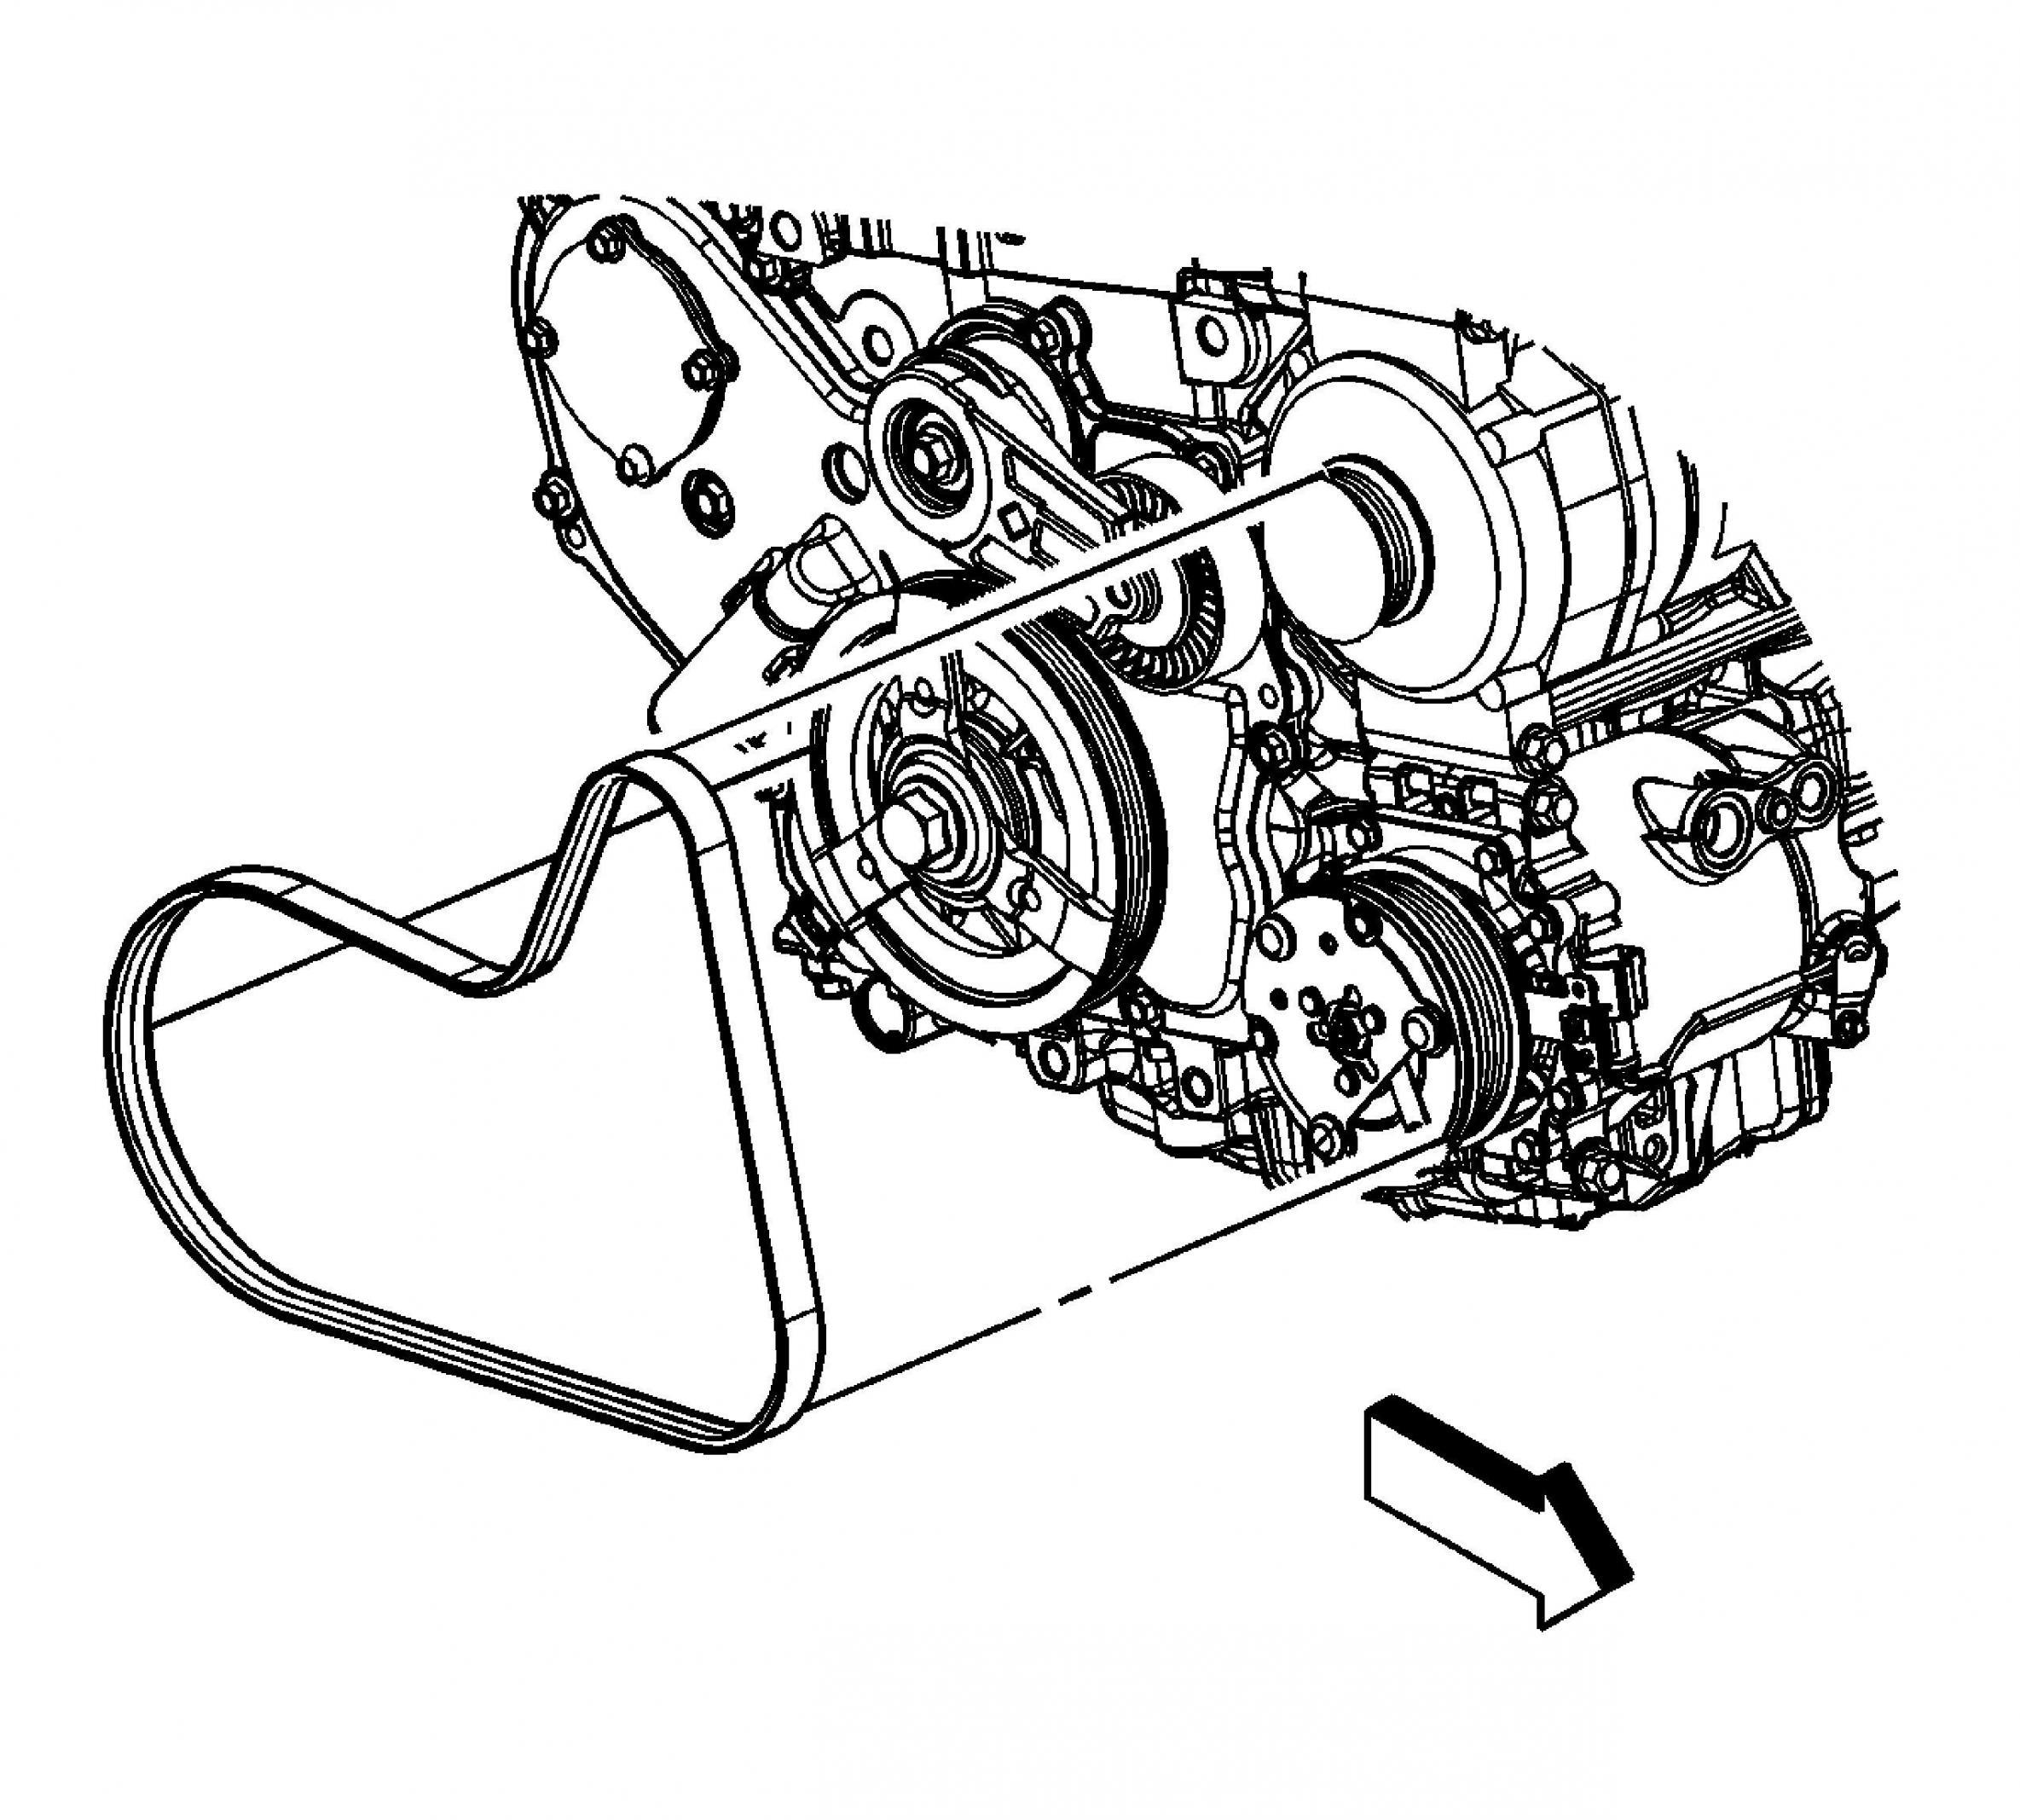 chevy 4 3 engine diagram la 1875  chevrolet 3 4 engine serpentine belt diagrams free diagram  chevrolet 3 4 engine serpentine belt